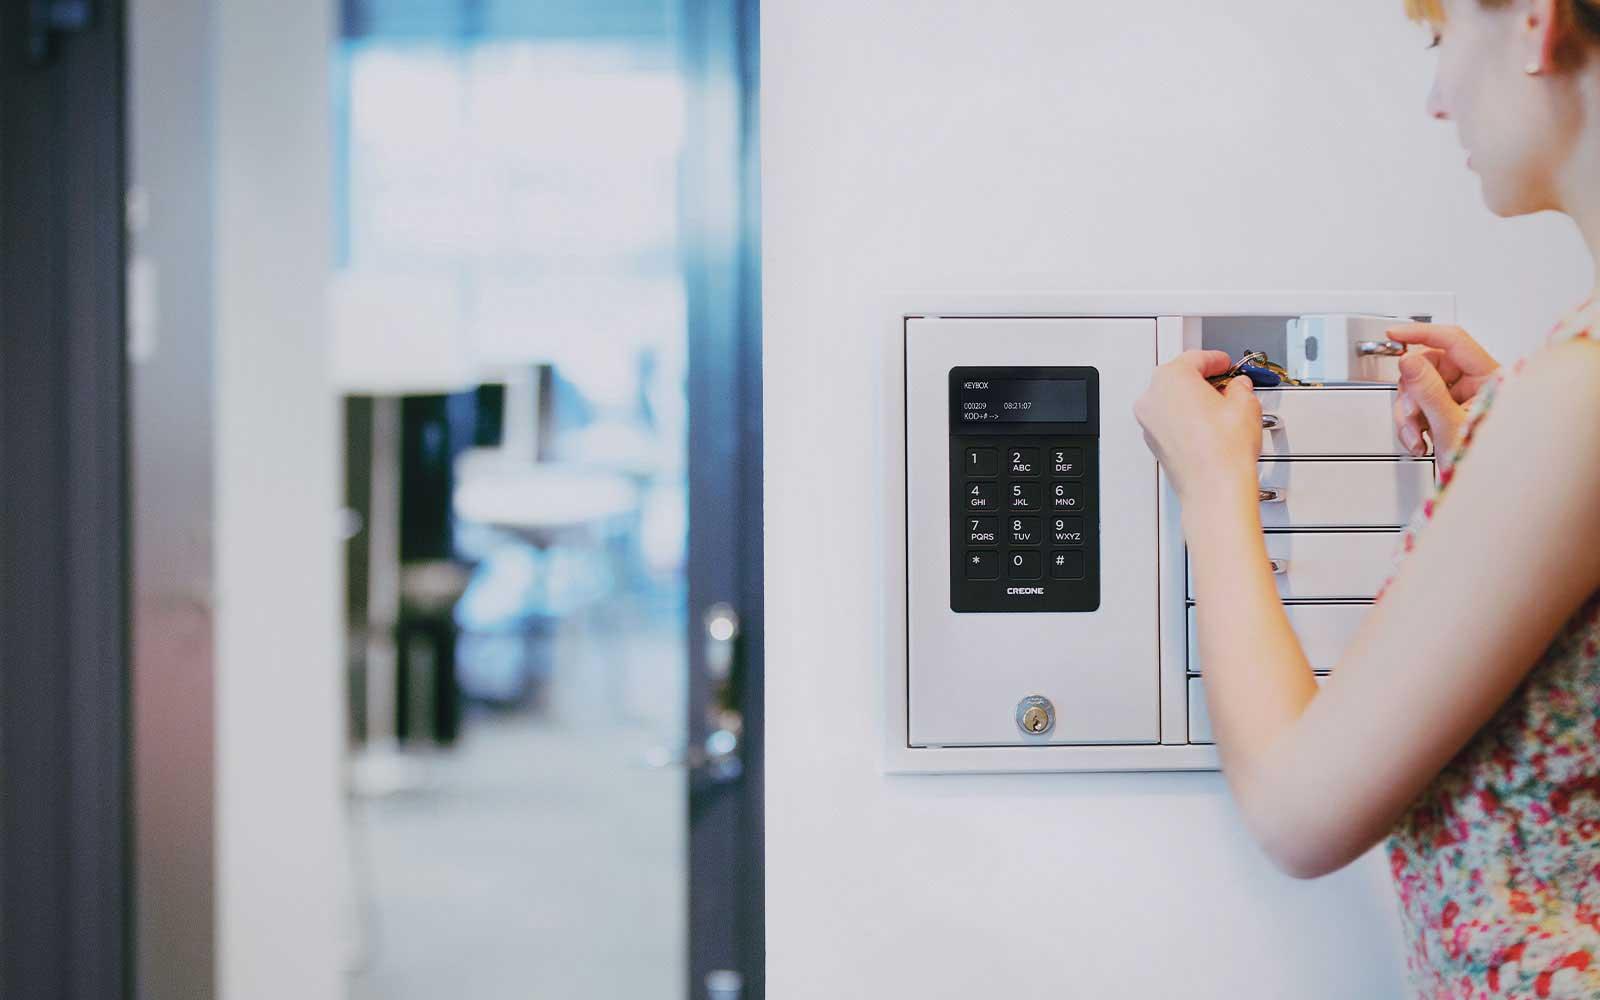 Schlüsselverwaltung mit einem Schlüsselschrank aus sechs Fächern zur Schlüsselaufbewahrung und Schlüsselausgabe